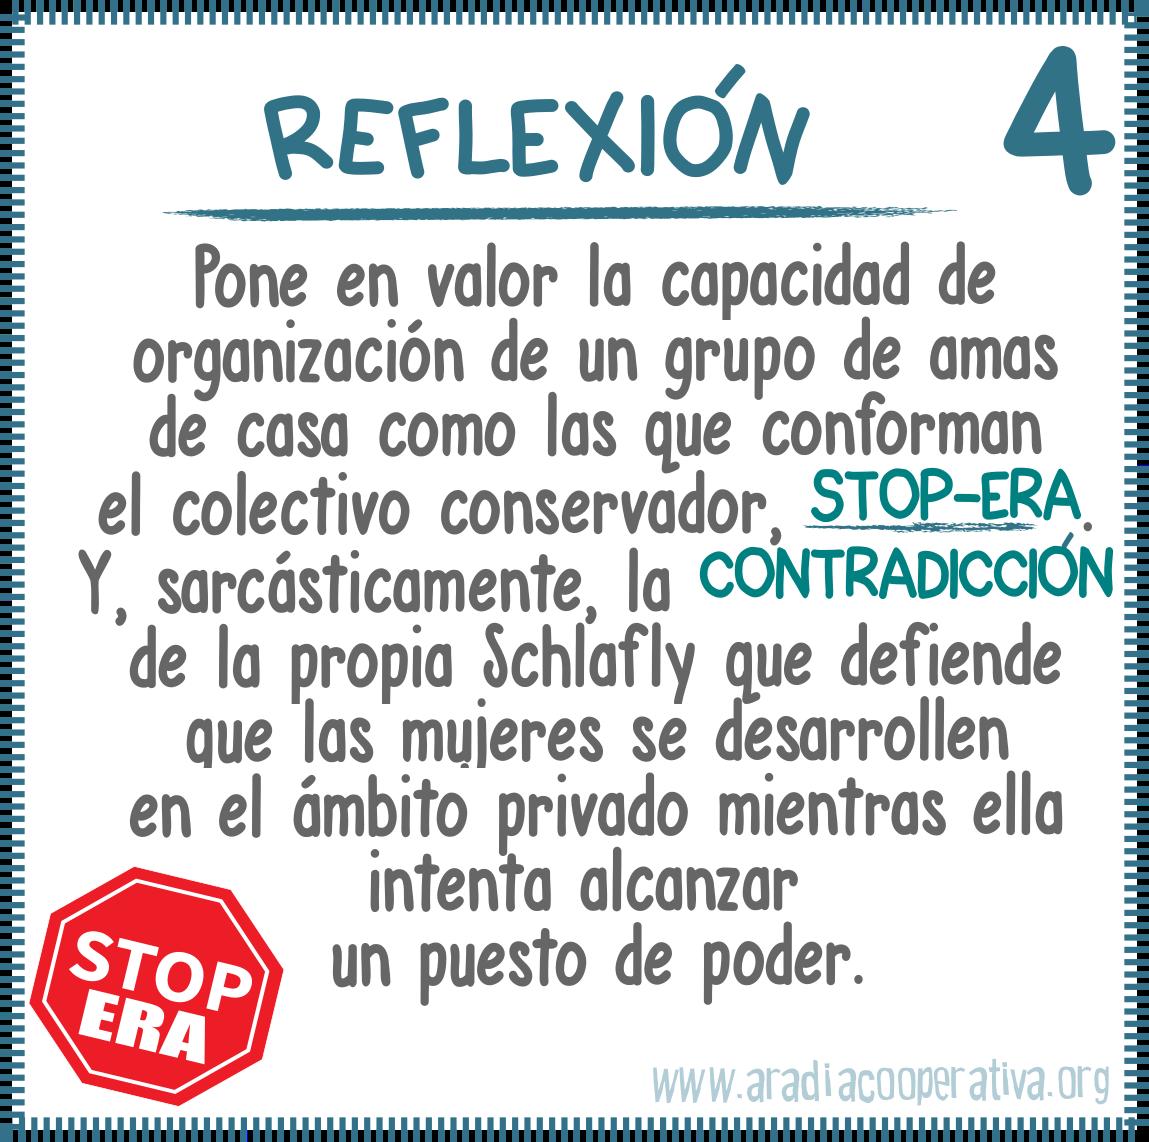 4. Reflexión